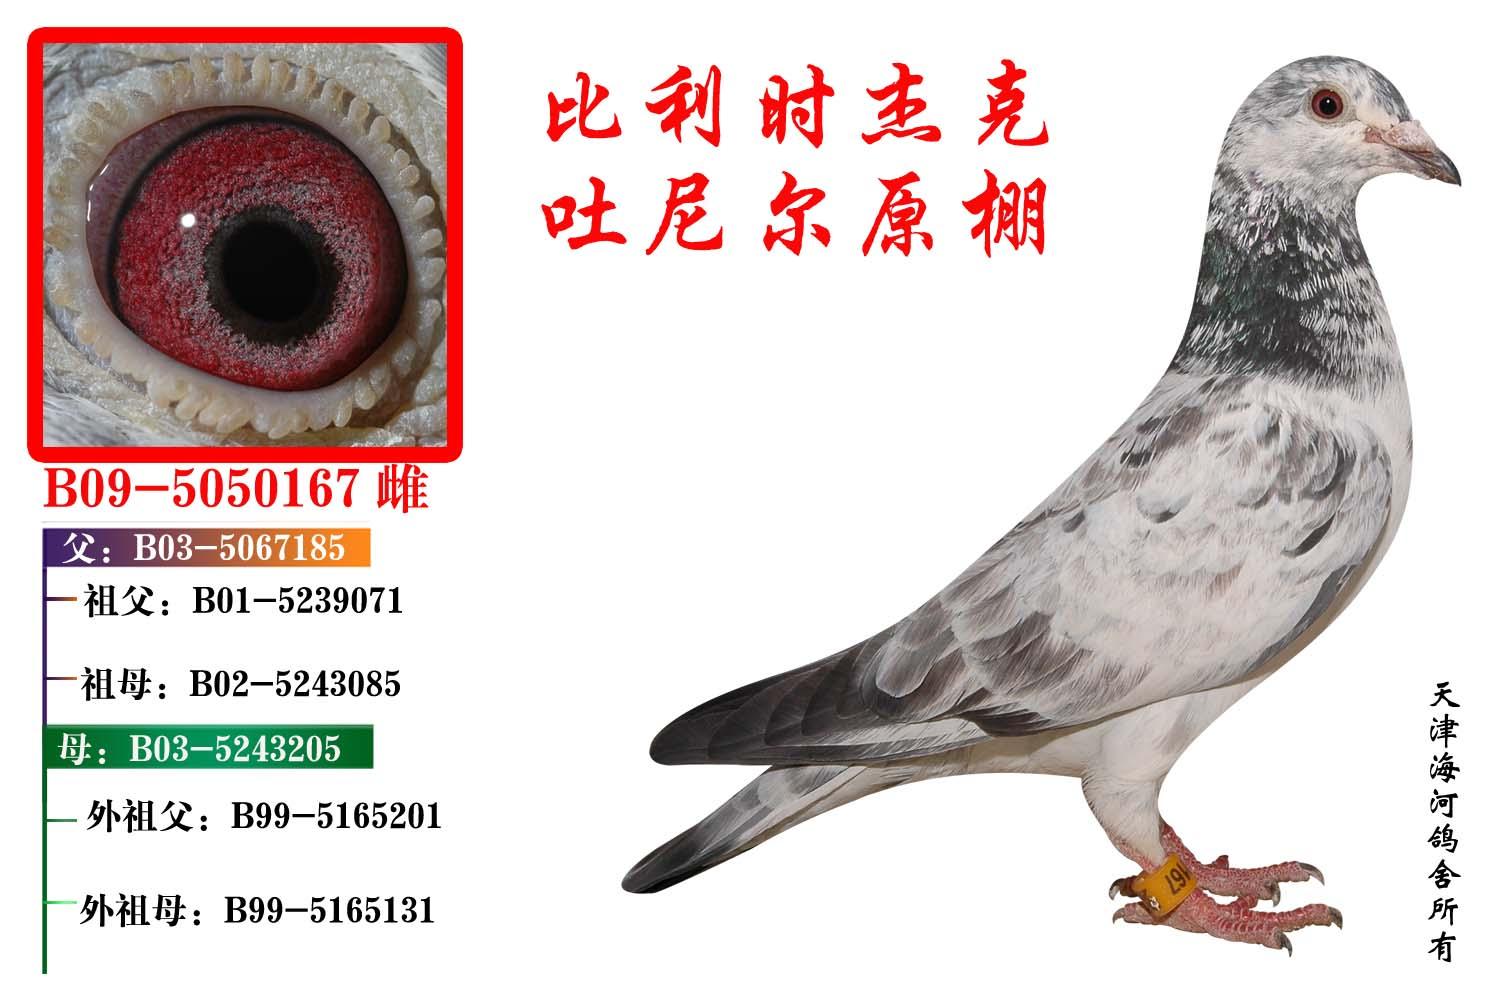 珍珠眼信鸽图片_信鸽特征